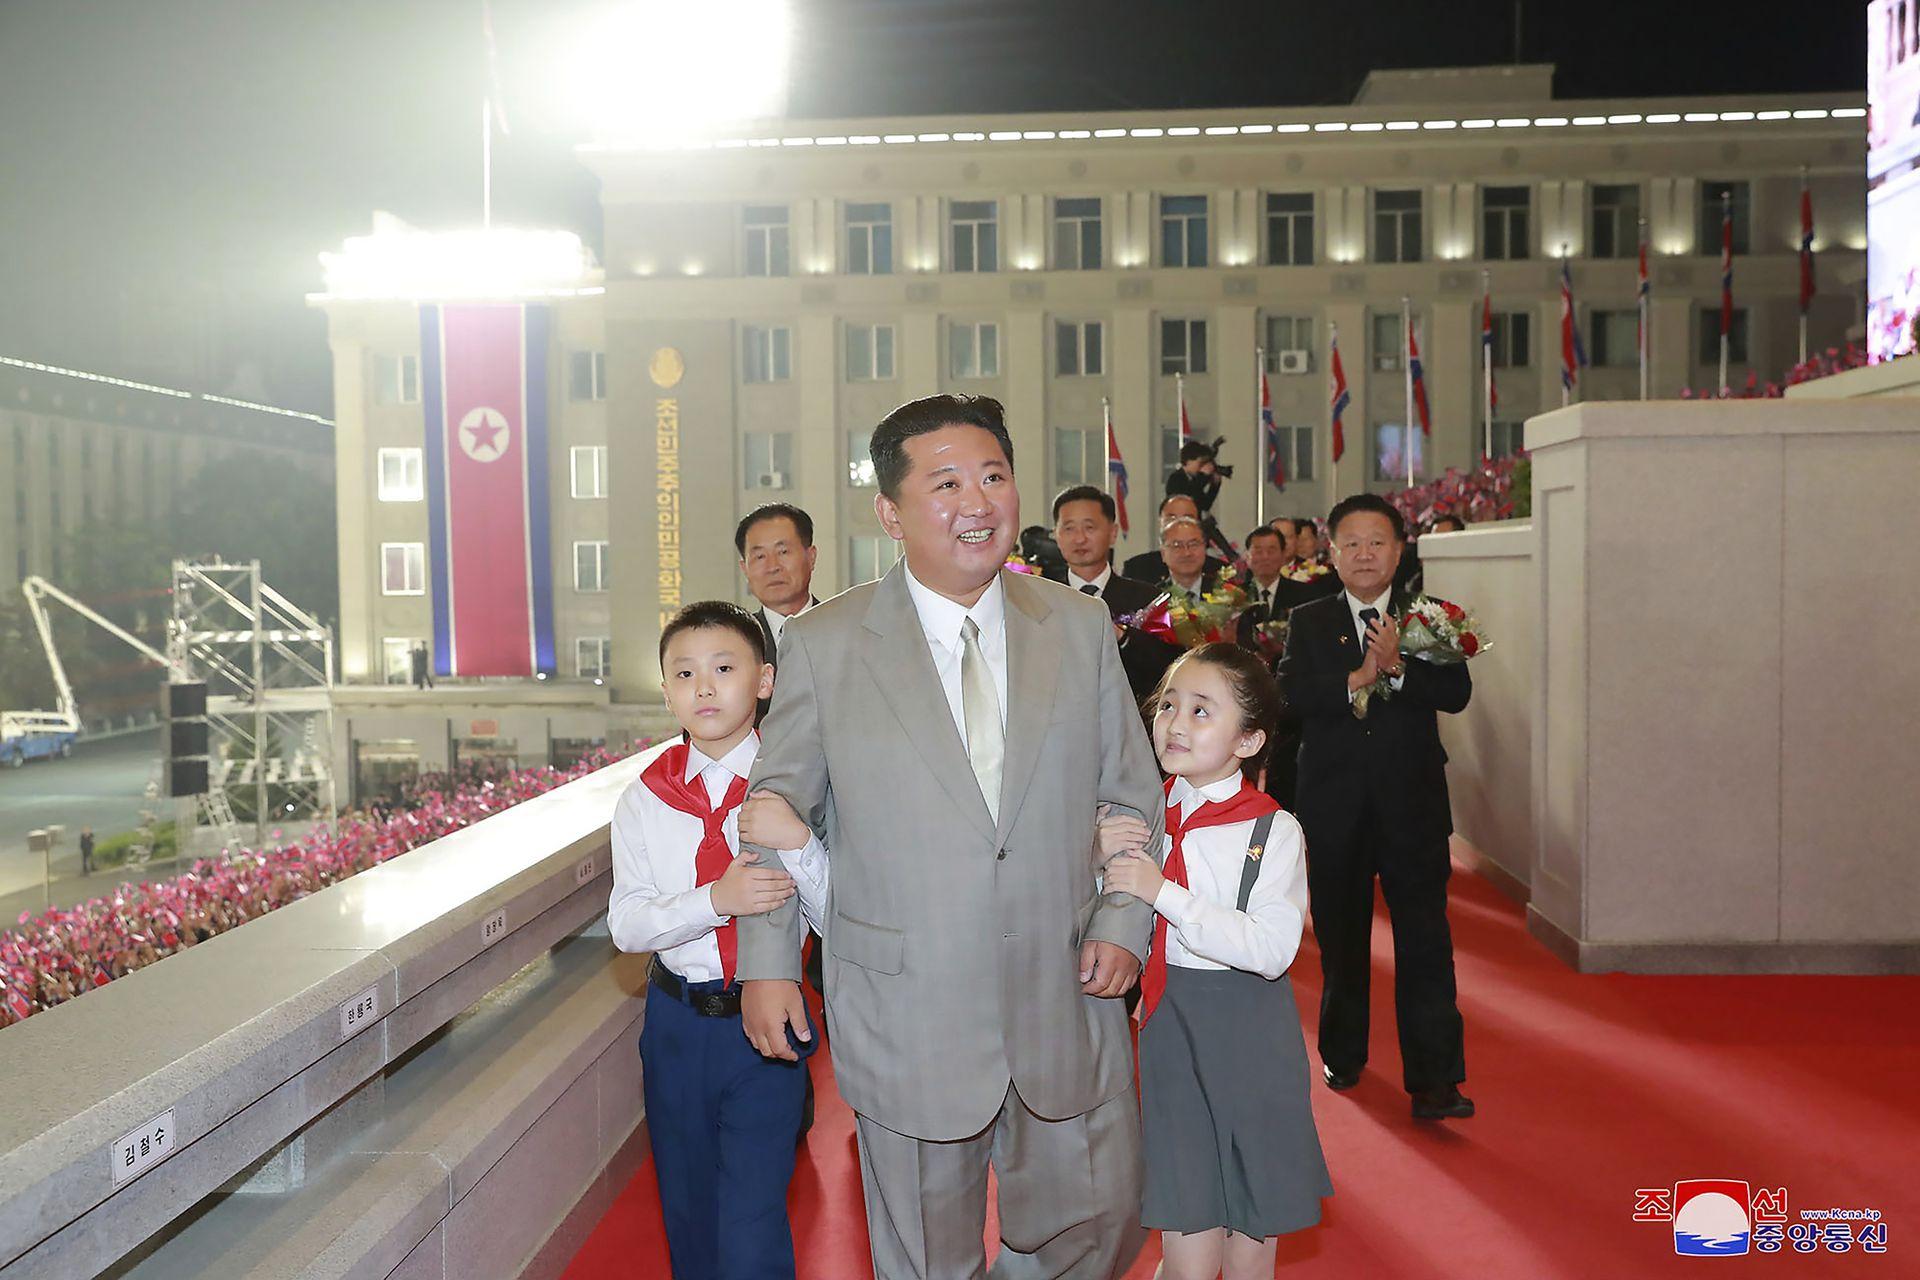 Kim Jong Un camina con niños durante una celebración del 73 aniversario de la nación en la plaza Kim Il Sung en Pyongyang.